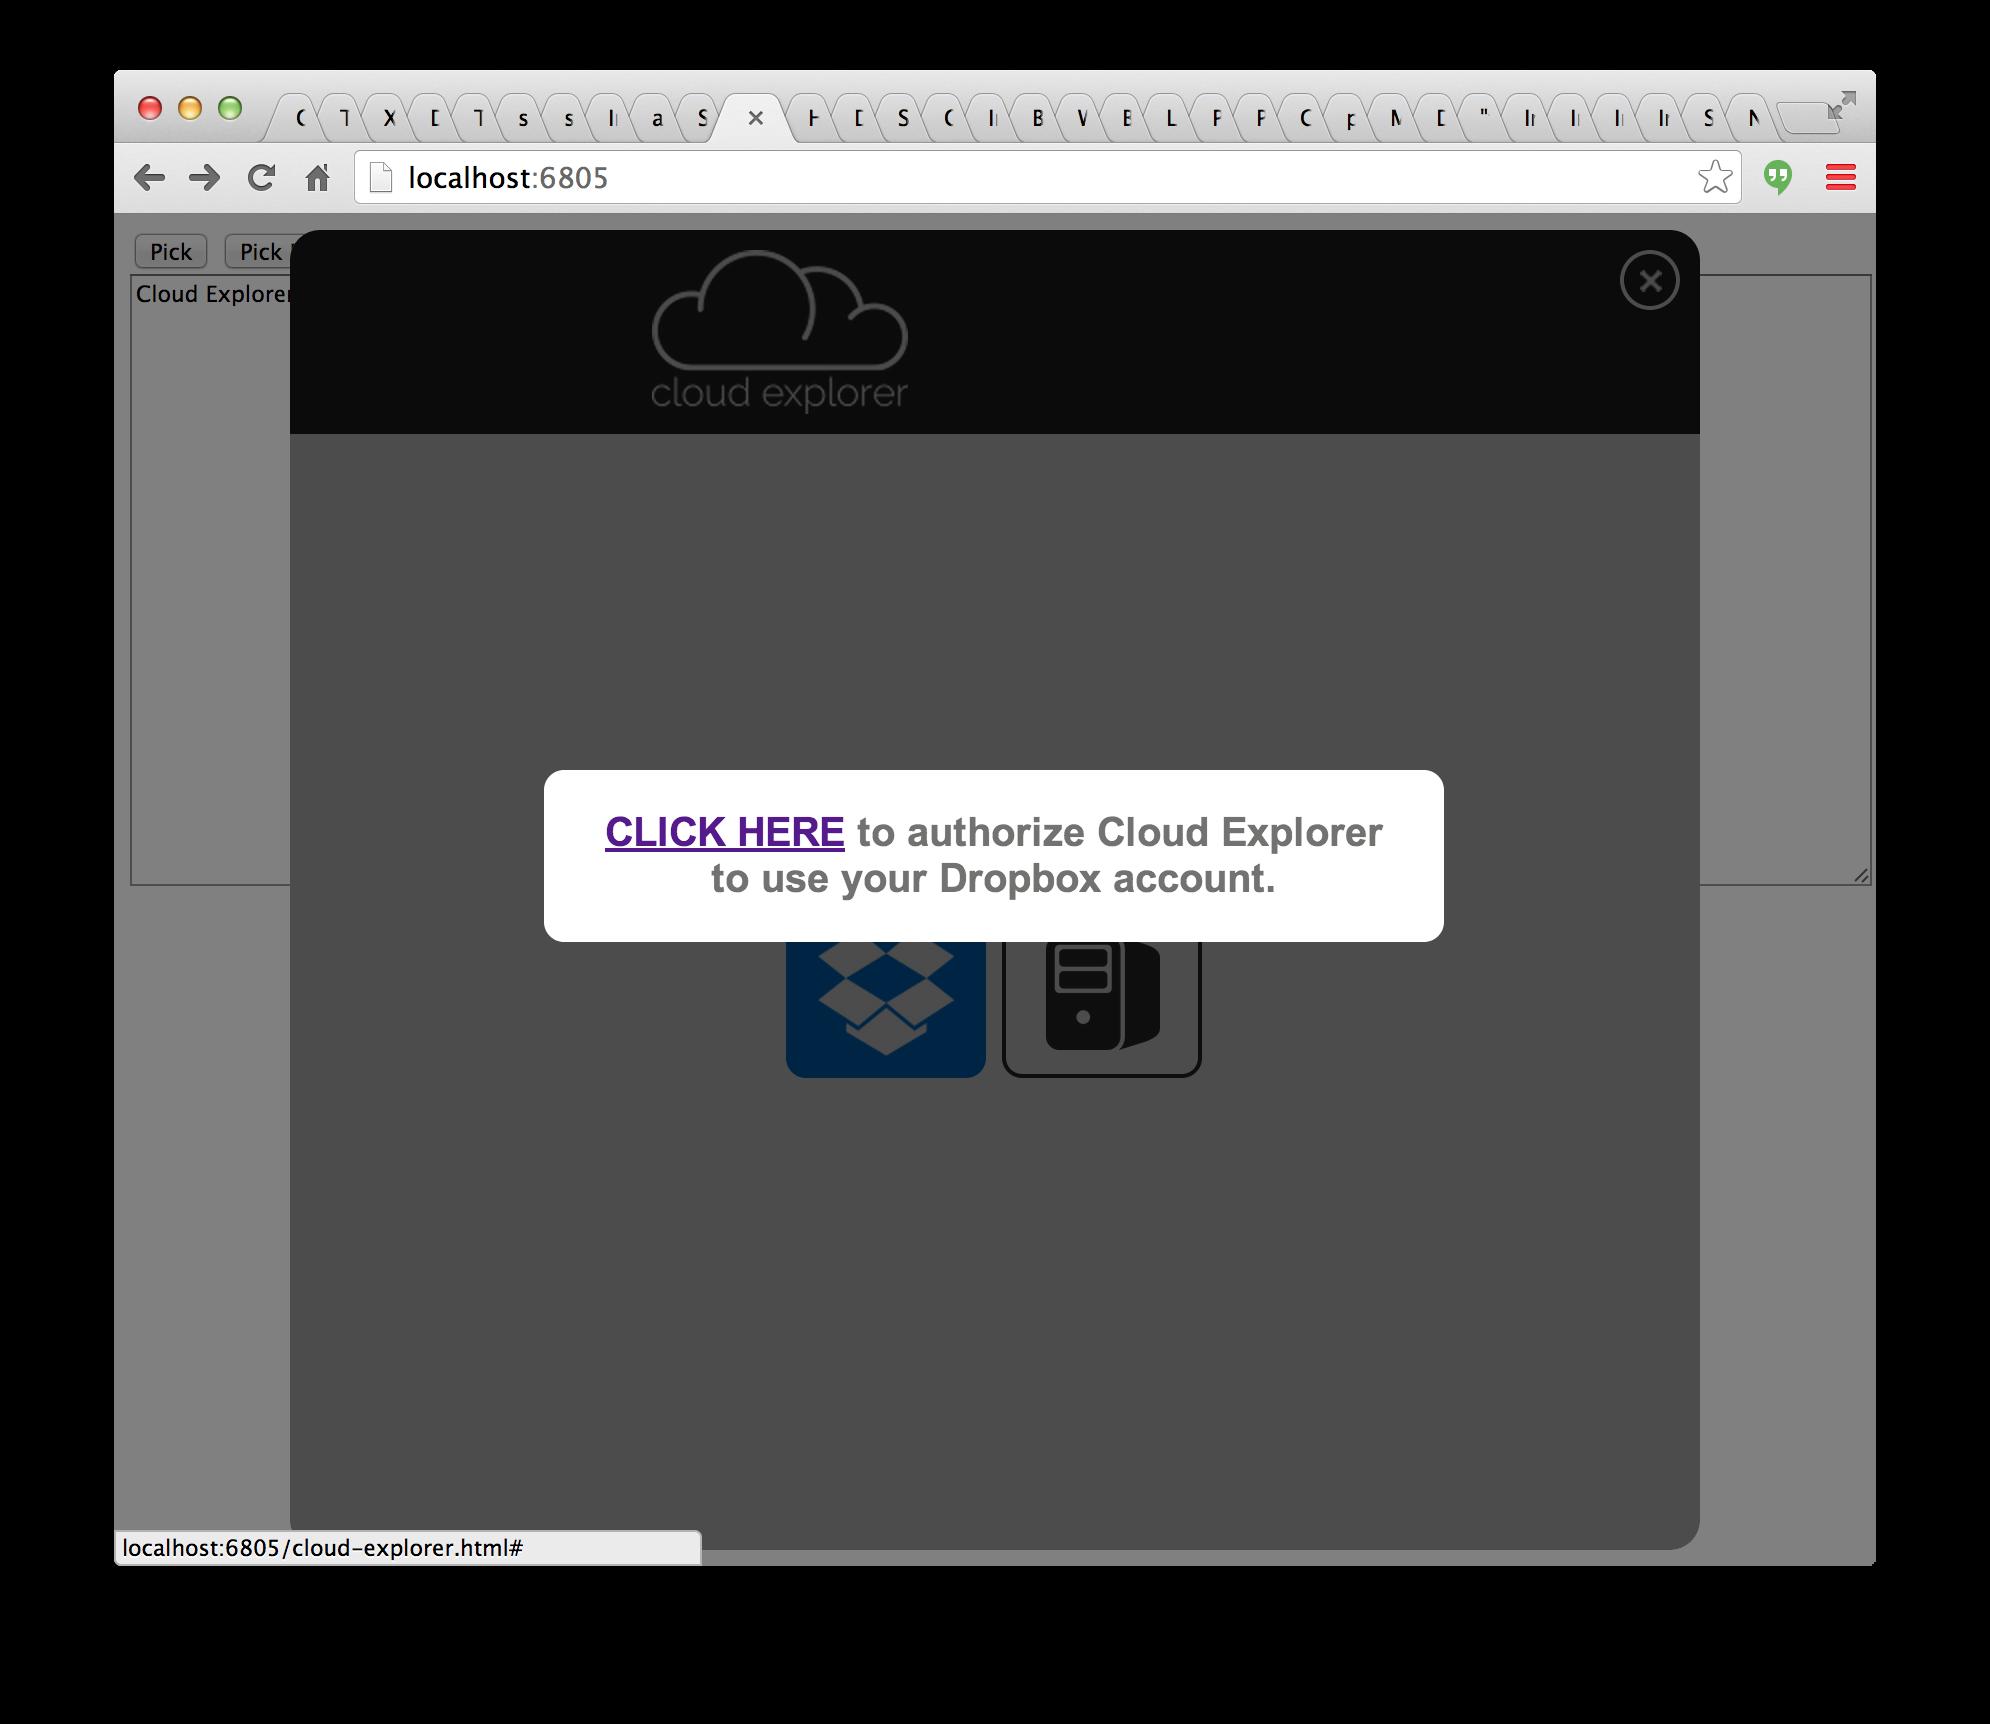 Cloud explorer user interface